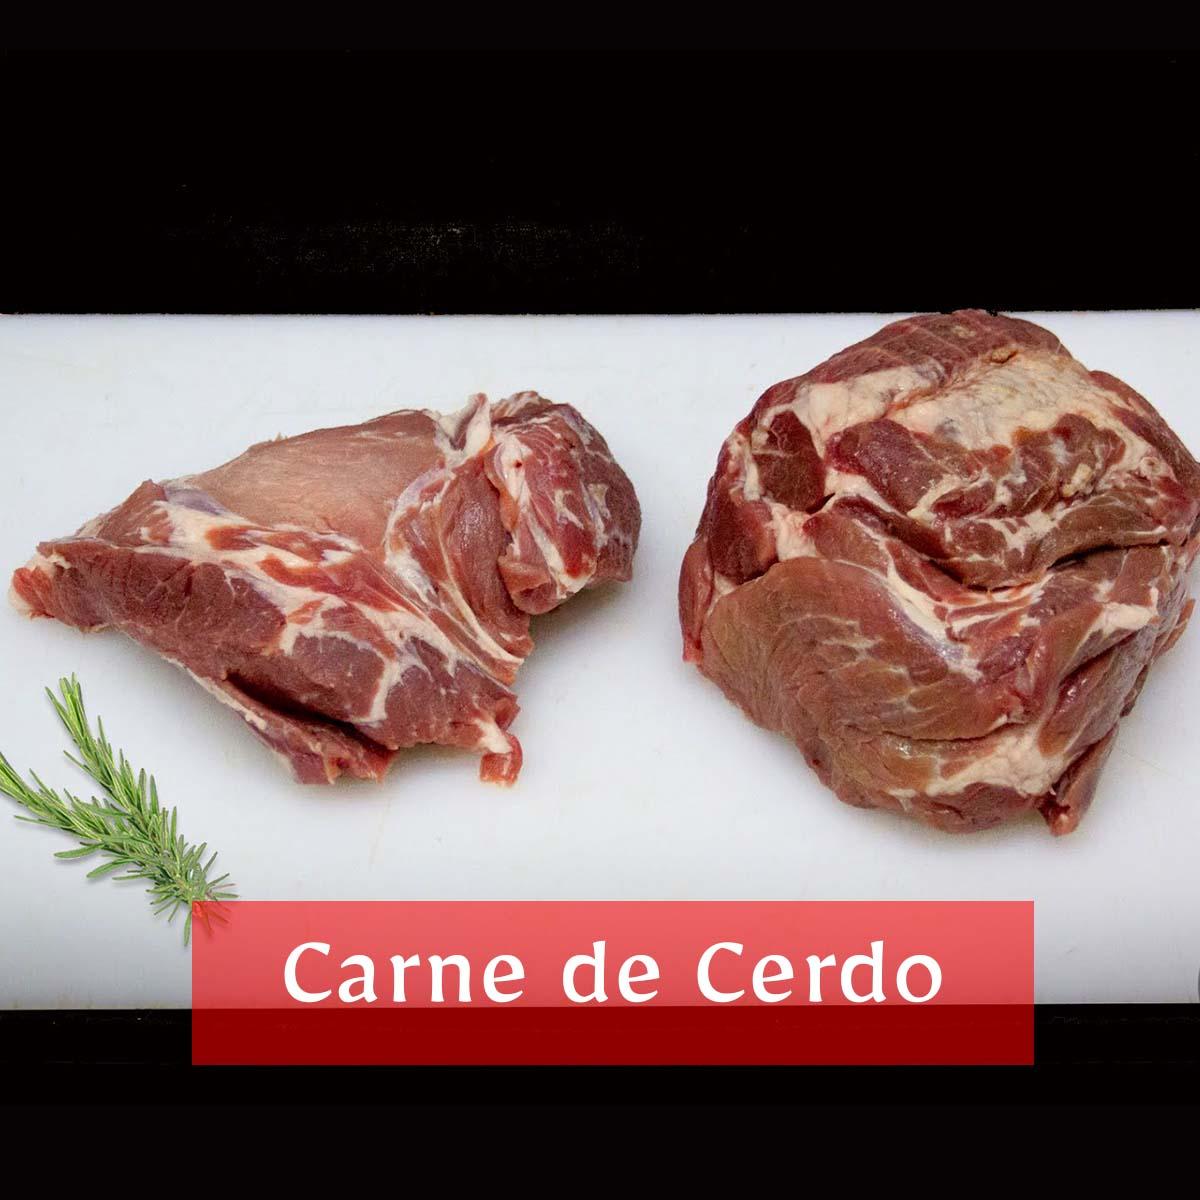 carniceria-online-palito-11-carne-de-cerdo